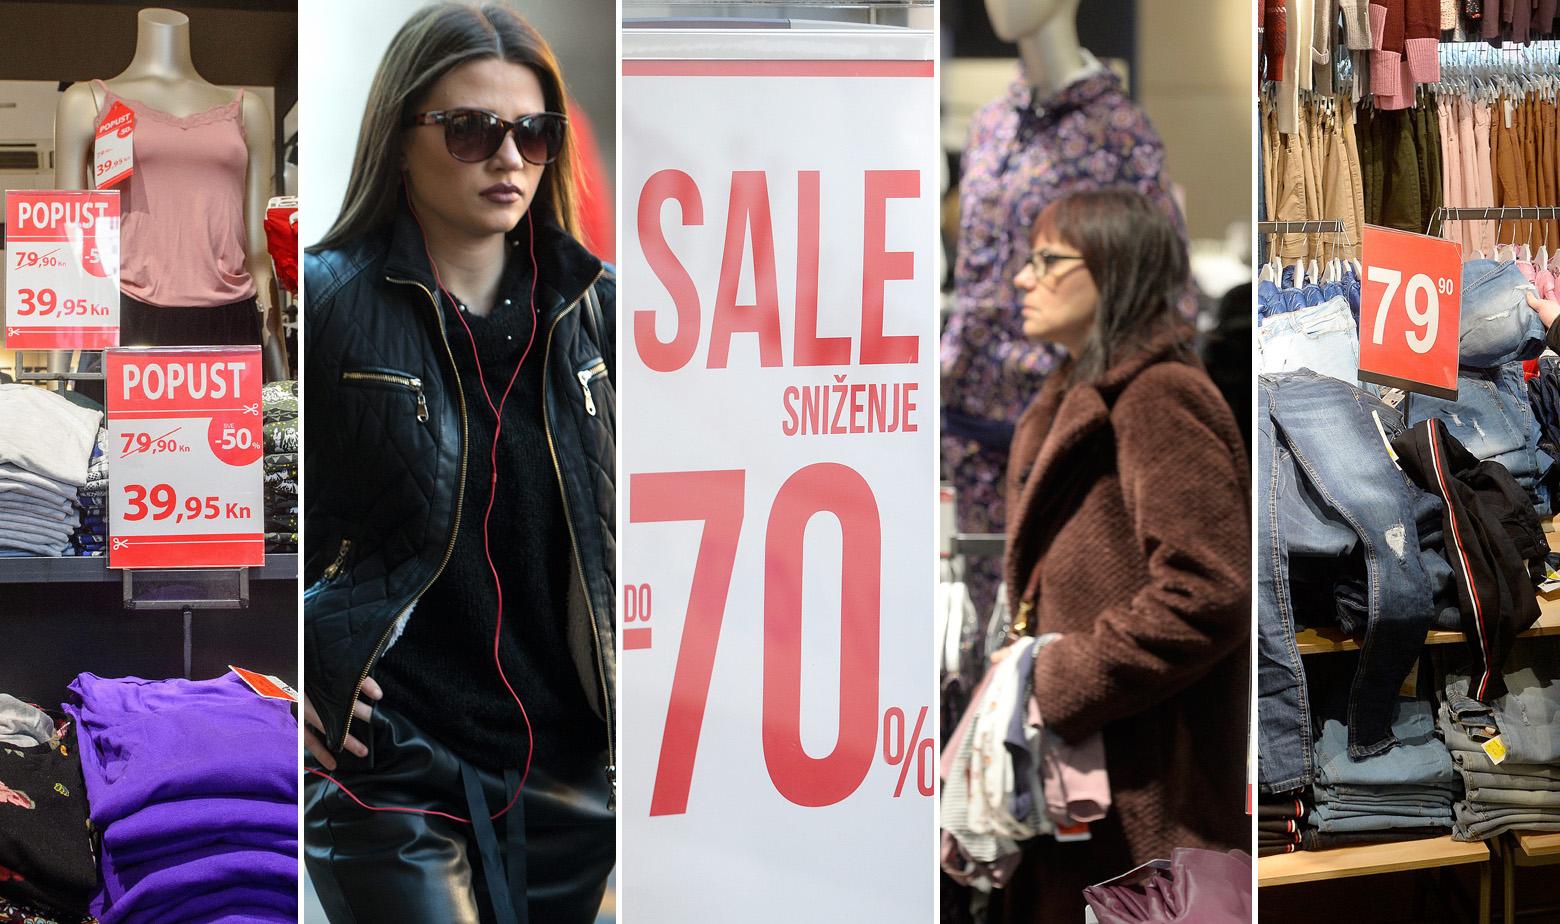 Novac Pocela Su Zimska Snizenja U Omiljenim Trgovinama Brze Mode Ocekuju Nas Popusti I Do 70